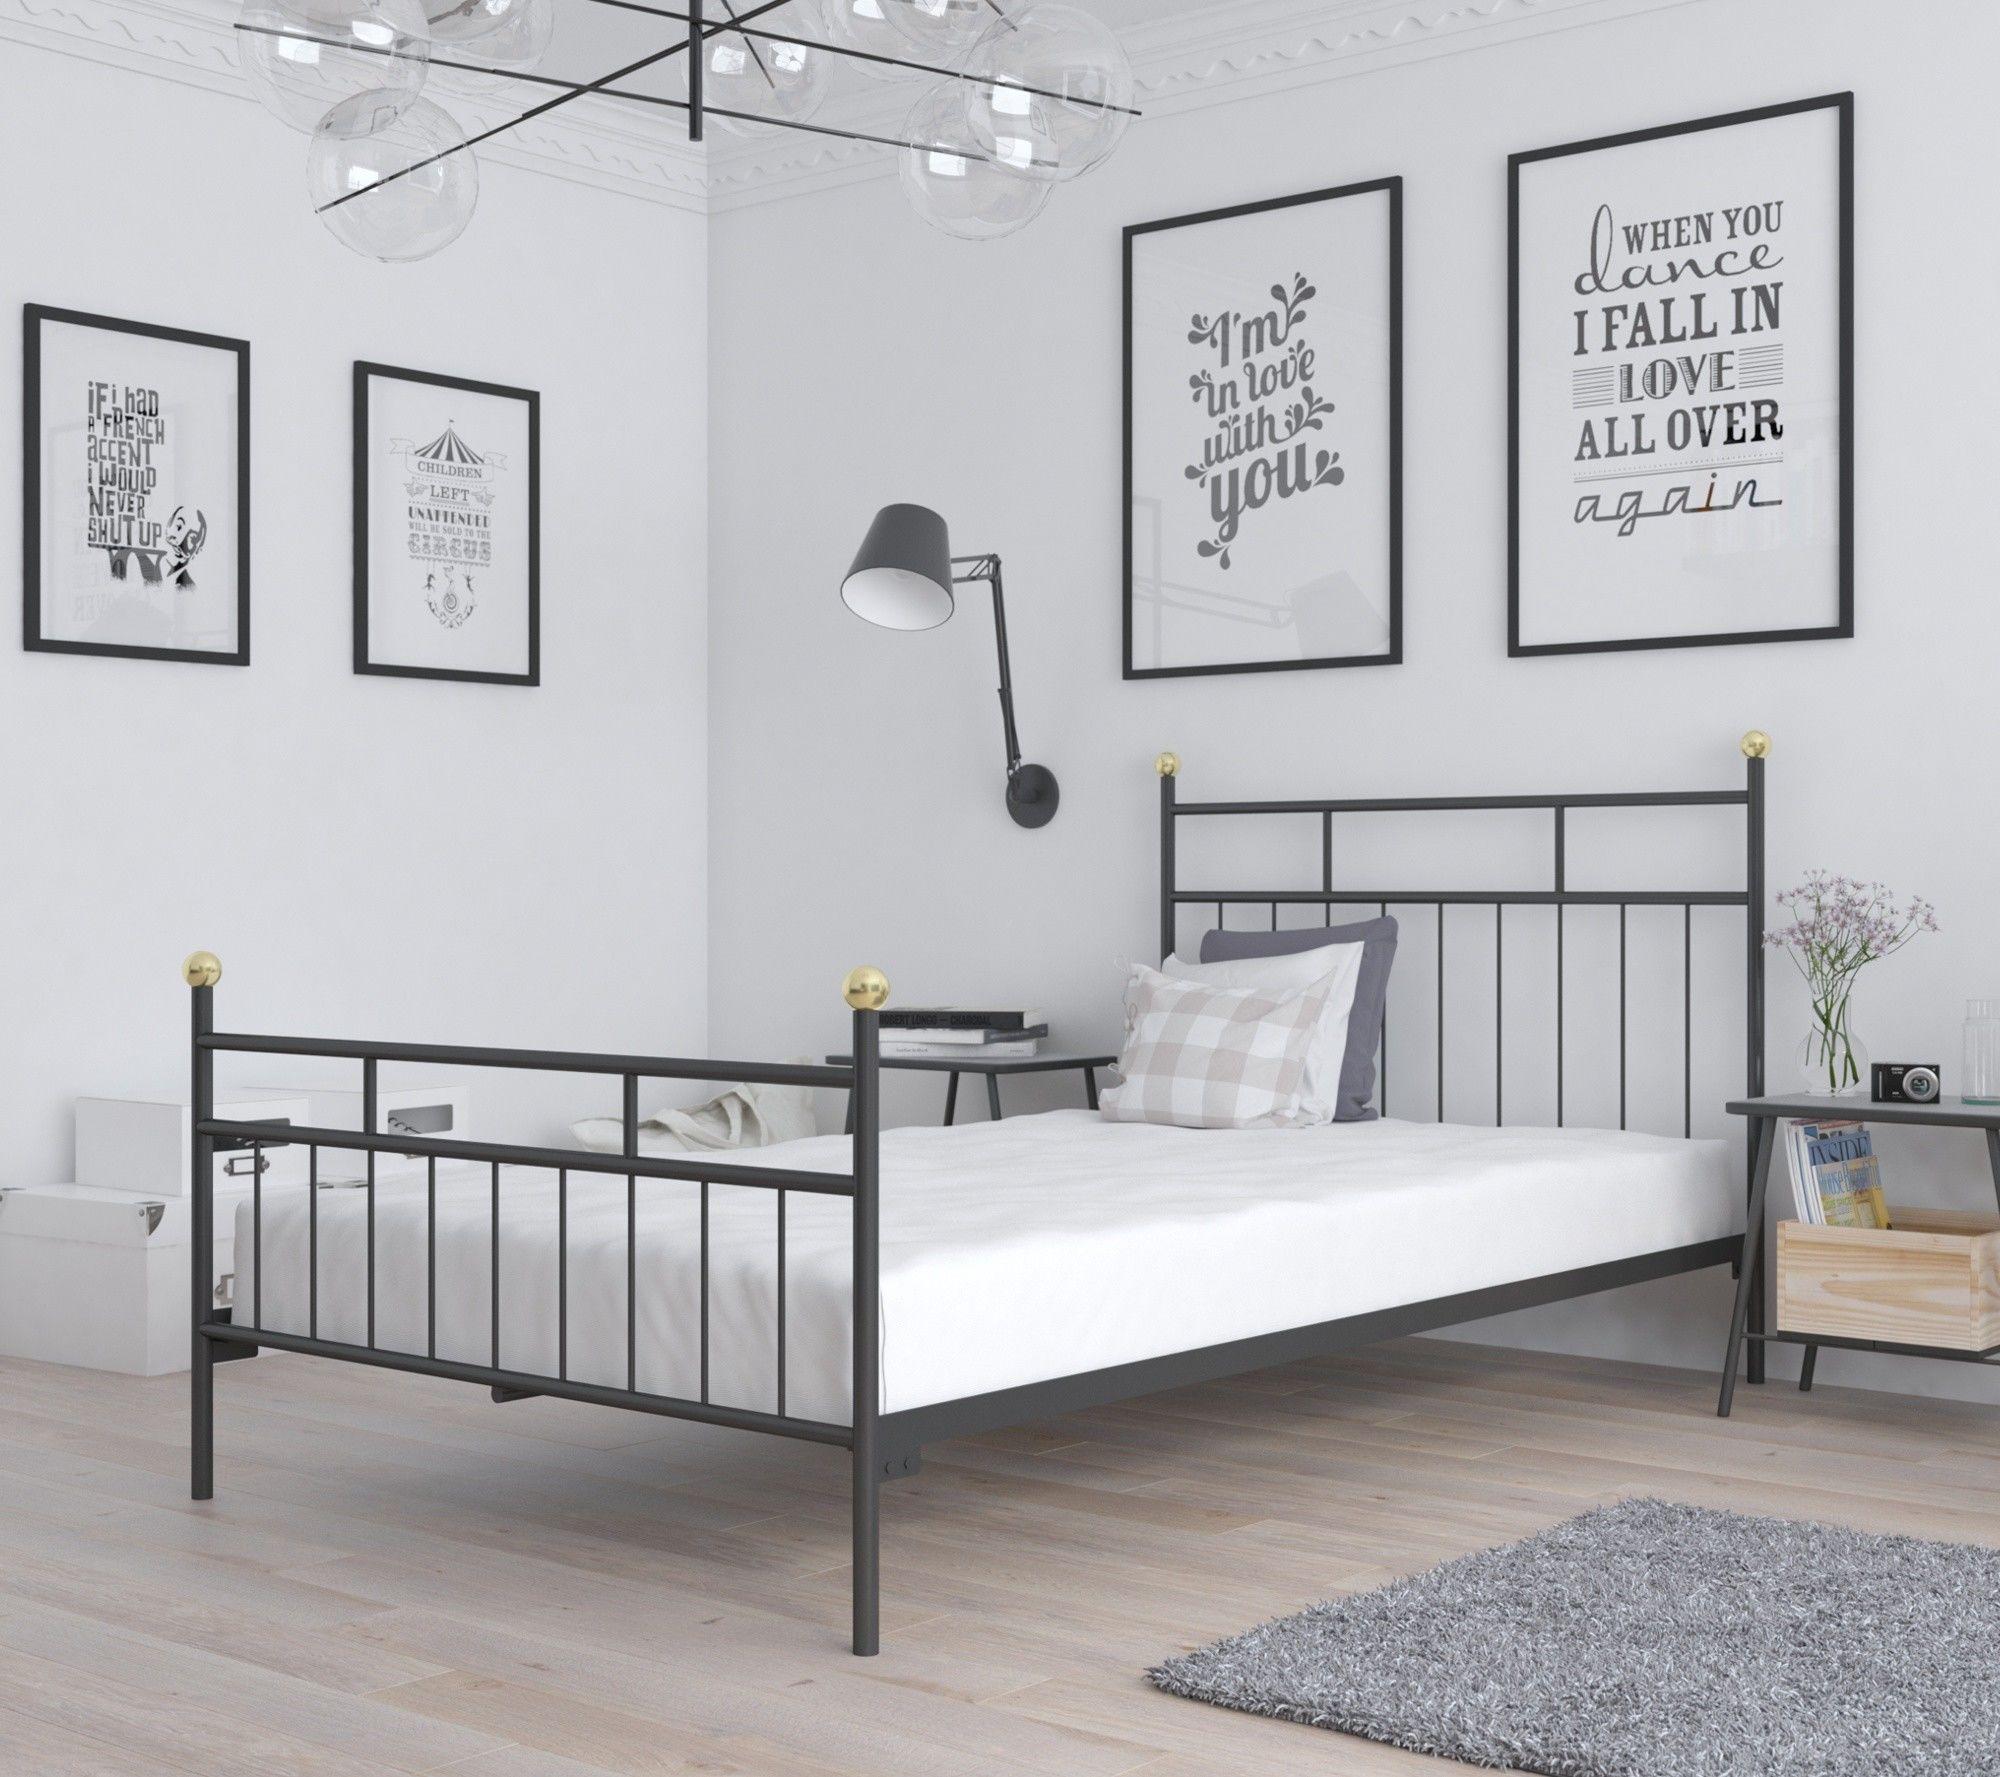 Łóżko metalowe sypialniane 120x200 wzór 27 ze stelażem